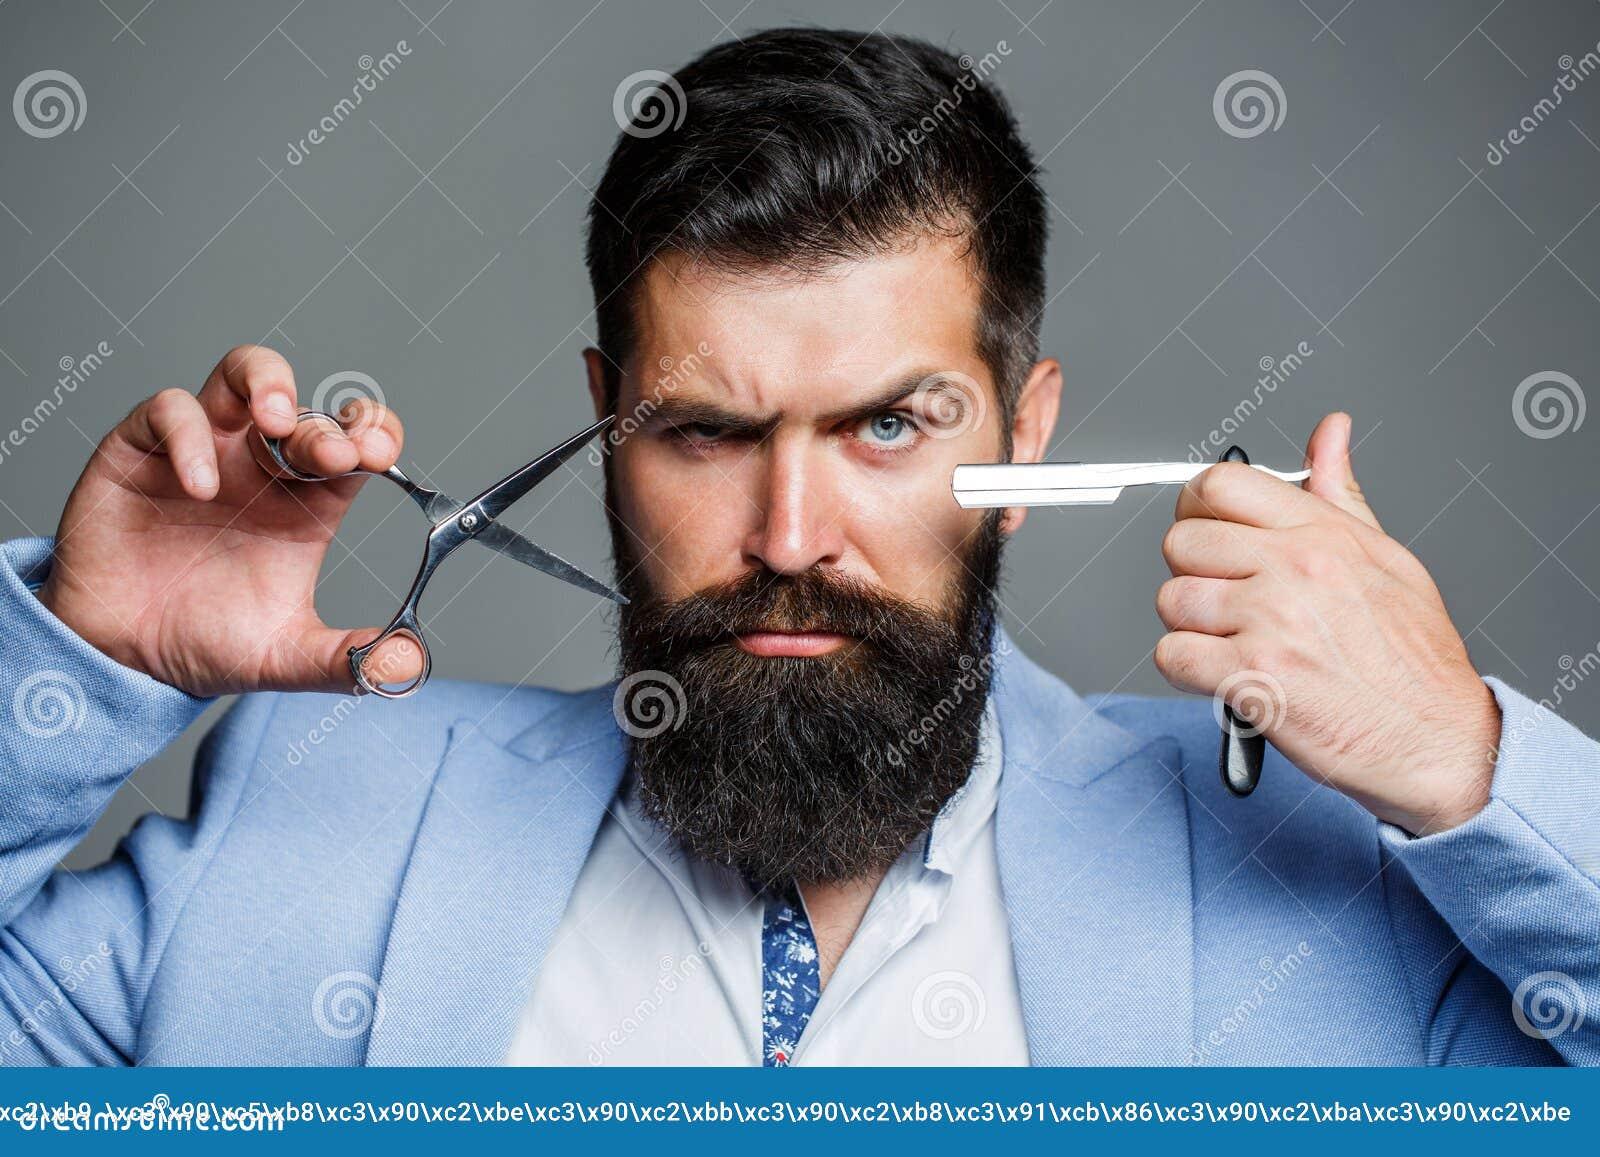 Baardmens, gebaard mannetje De mens van de portretbaard Kappersschaar en recht scheermes, kapperswinkel, kostuum Uitstekende here